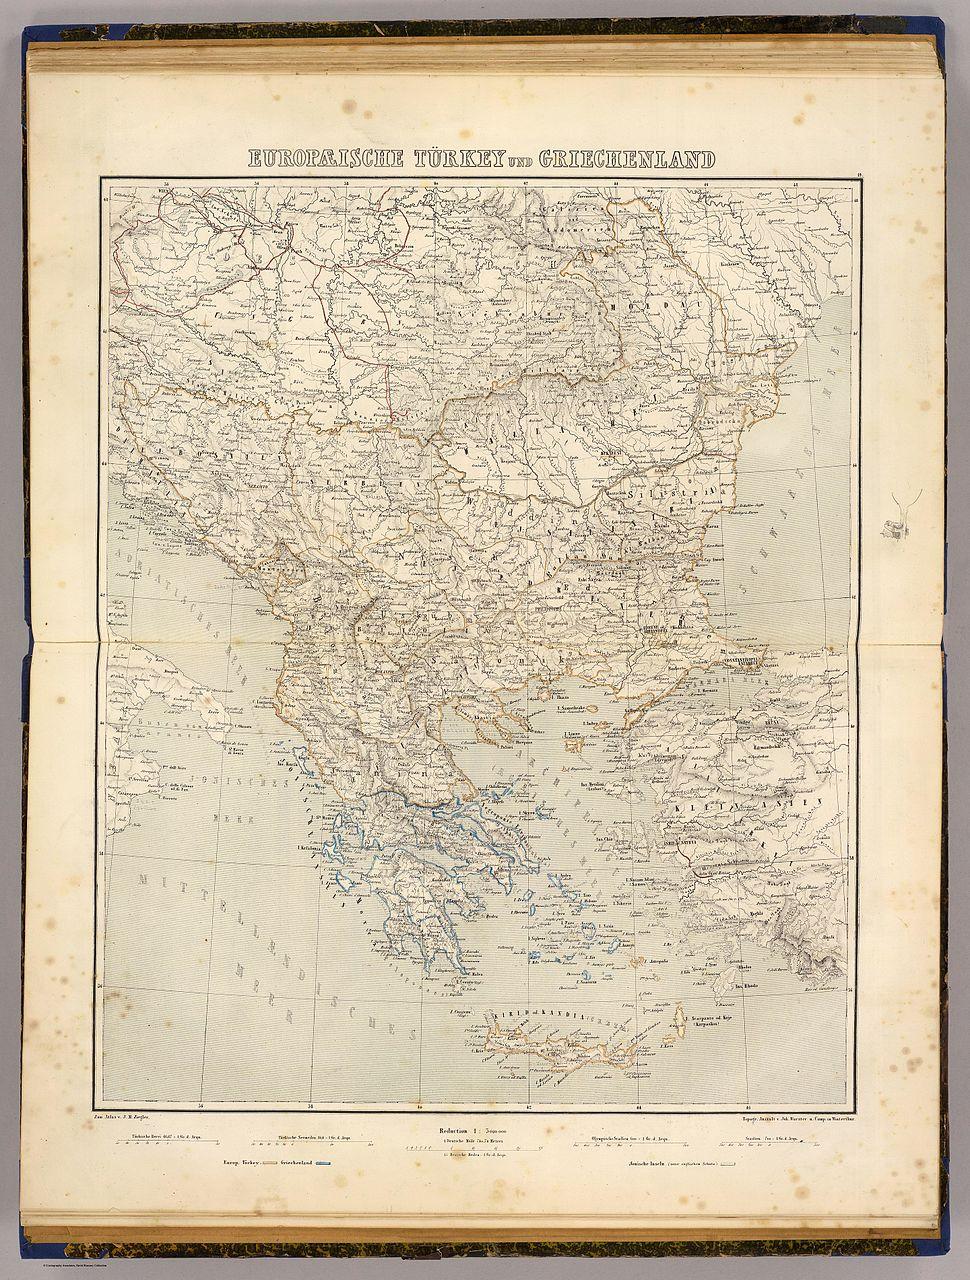 Europaeische Turkey und Griechenland. Zum Atlas v. J.M. Ziegler. Topogr. Anstalt v. Joh. Wurster u. Comp. in Winterthur. (1864)